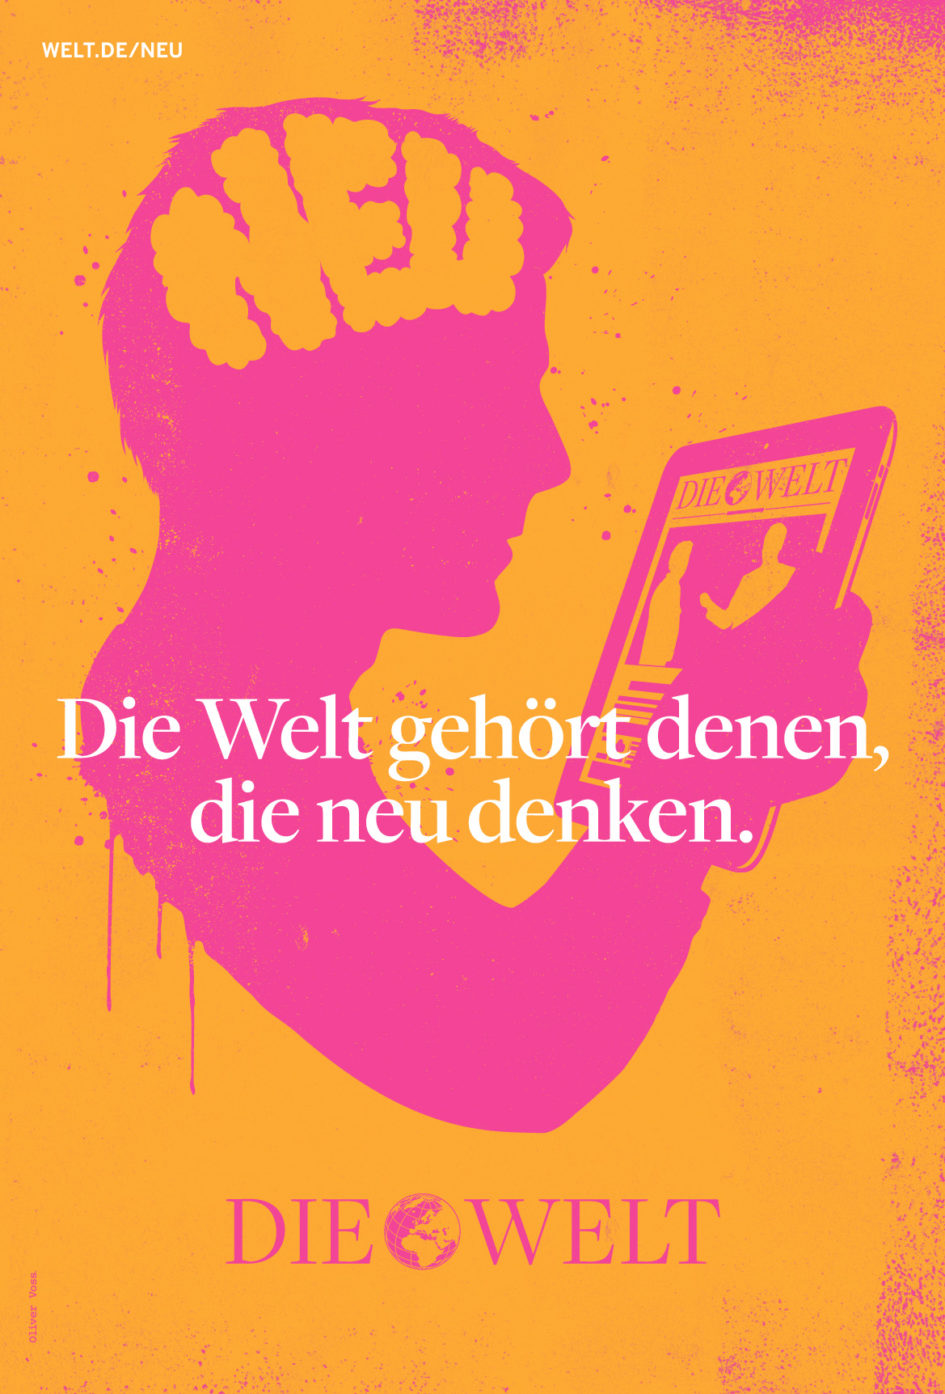 """DIE WELT Markenkampagne: """"Die Welt gehört denen, die neu denken."""""""